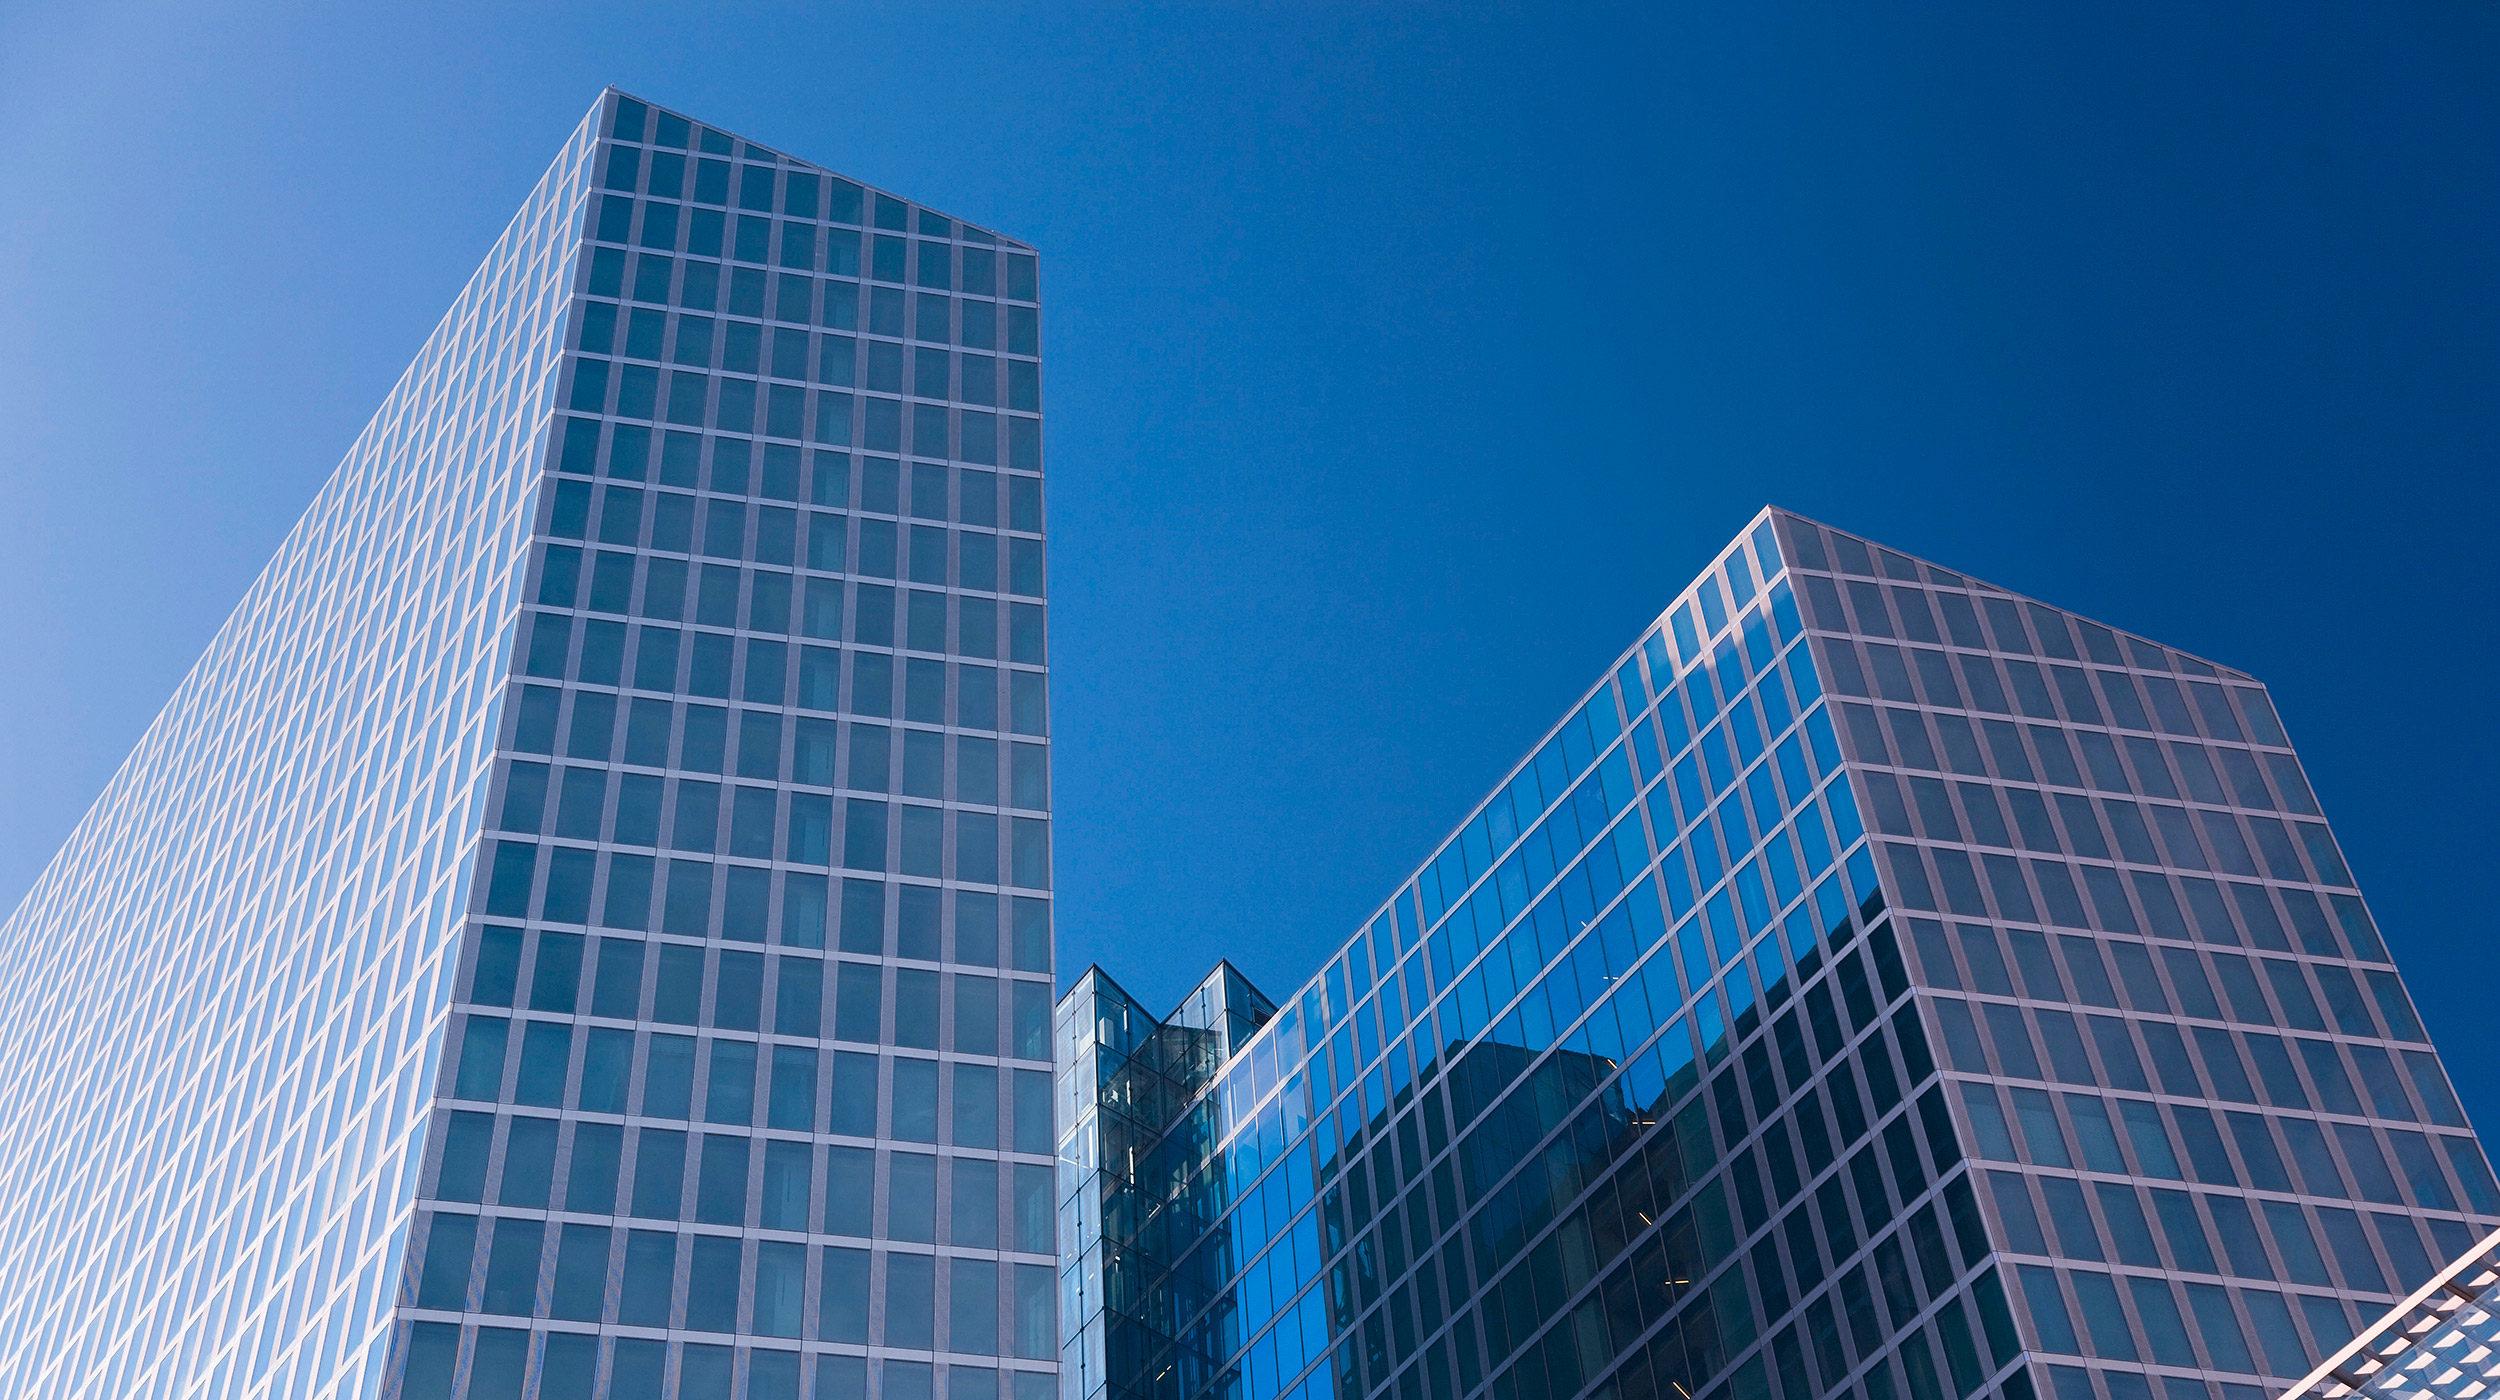 Gebäude IT-Unternehmen